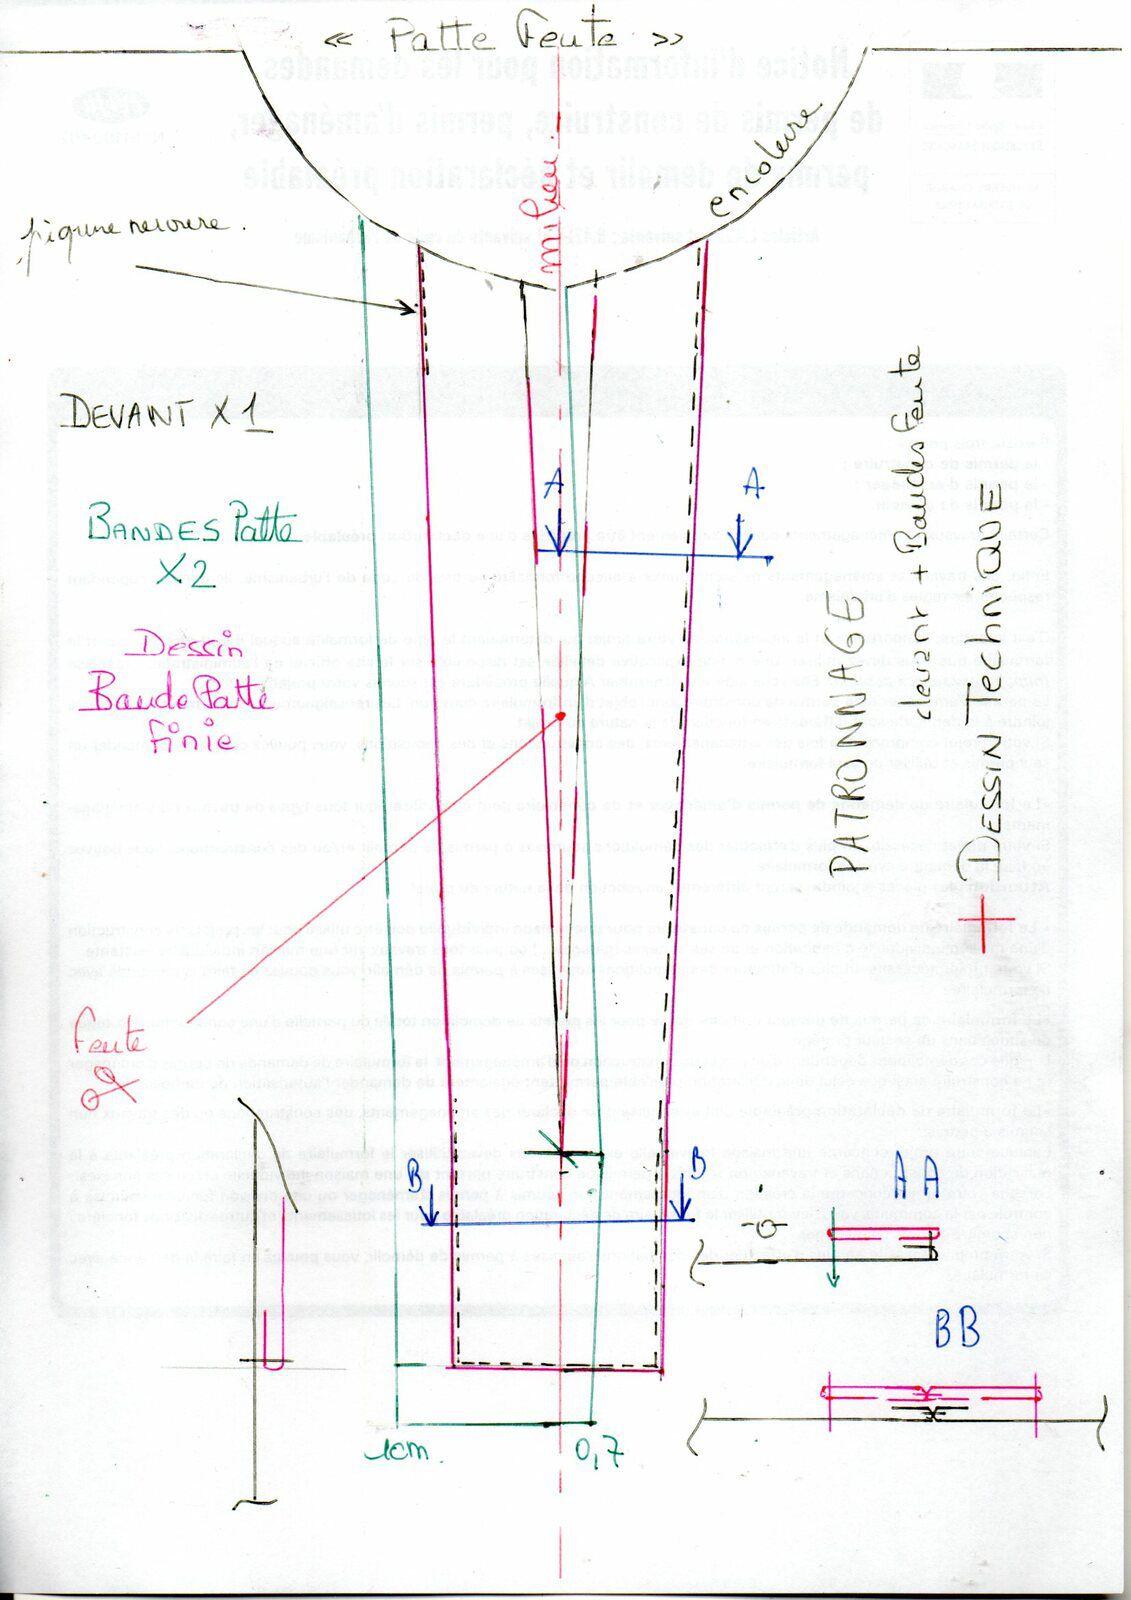 dessin technique et patron PATTE FENTE